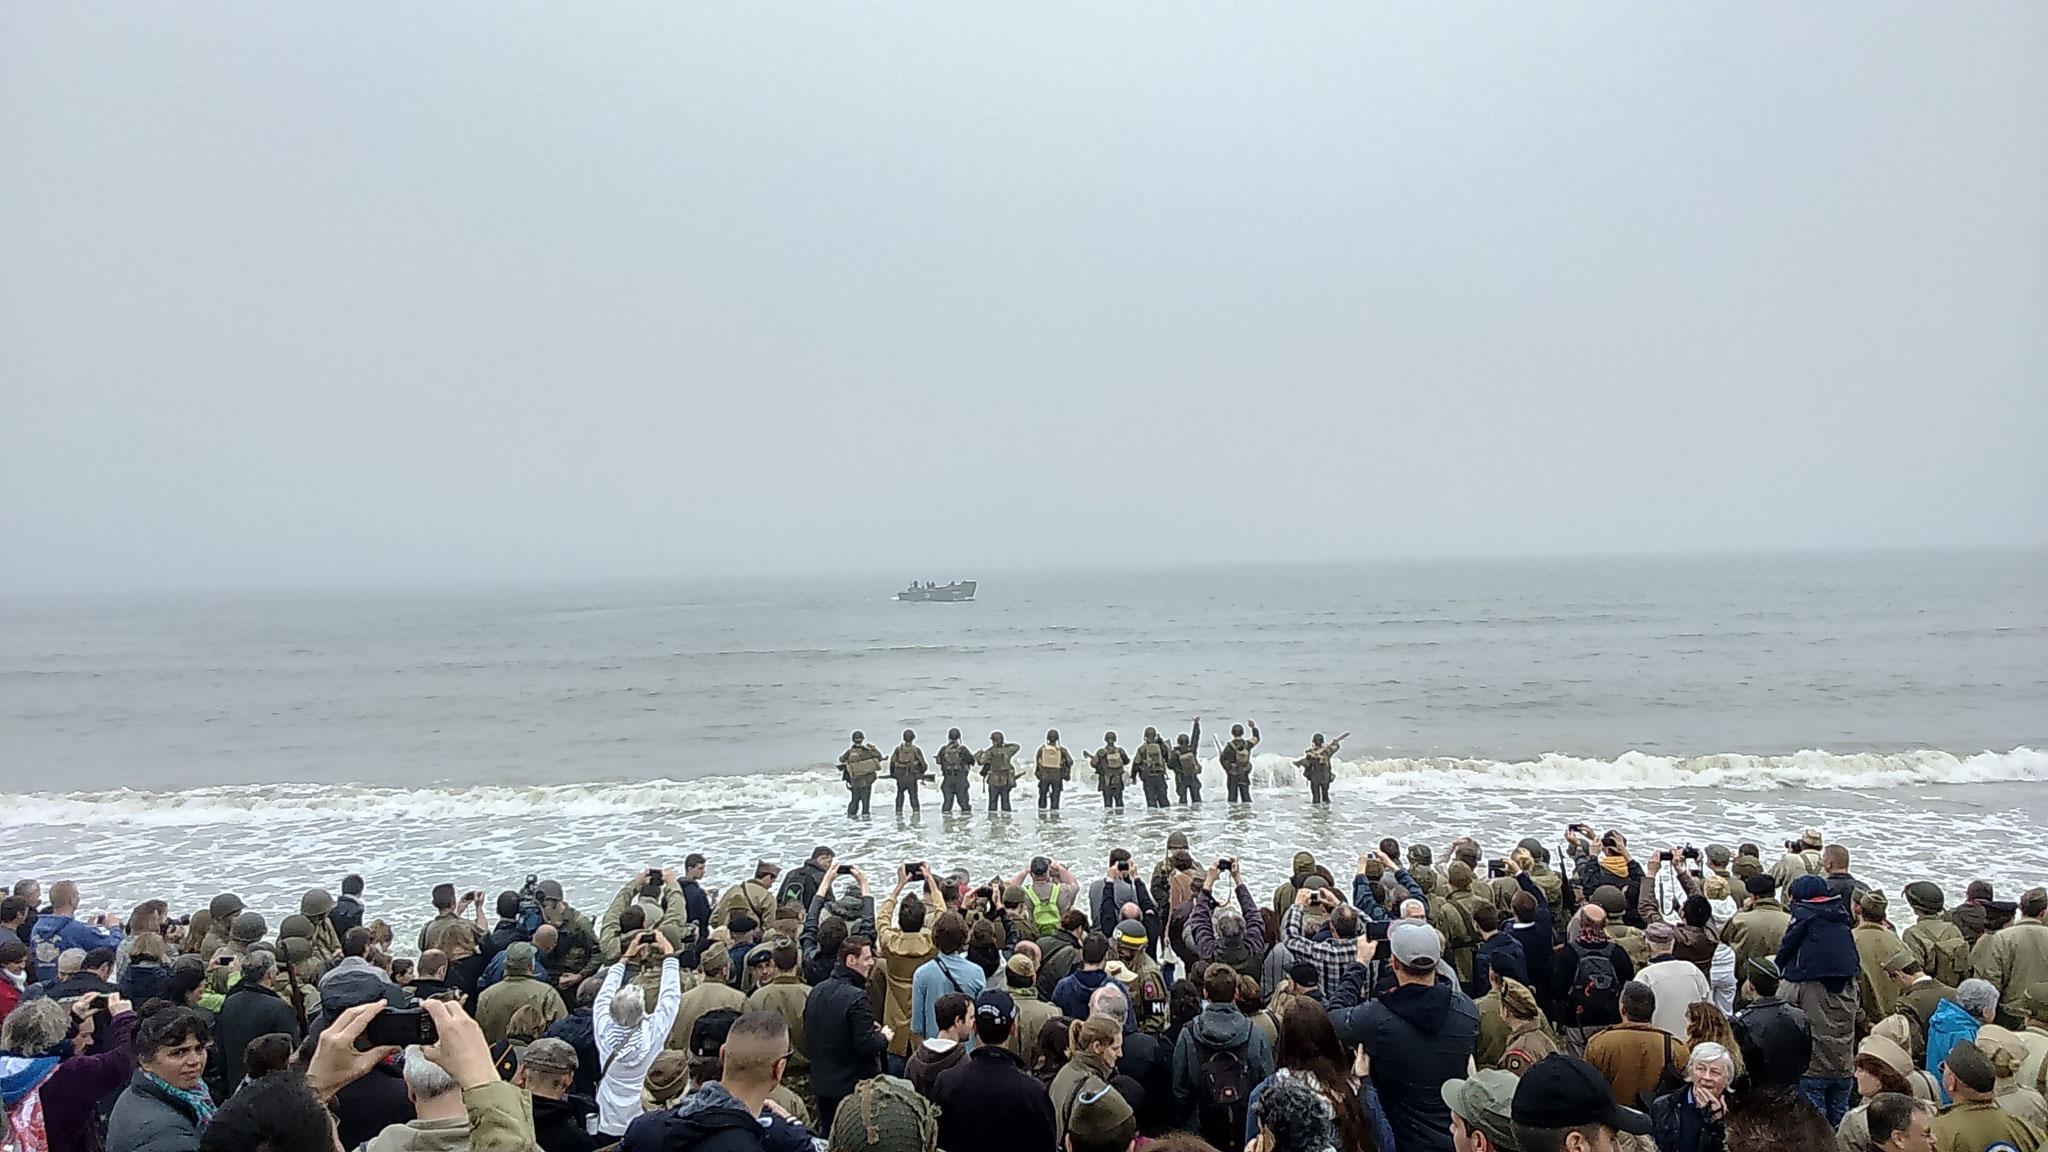 Un dernier au revoir à la barge par l'équipe participante.